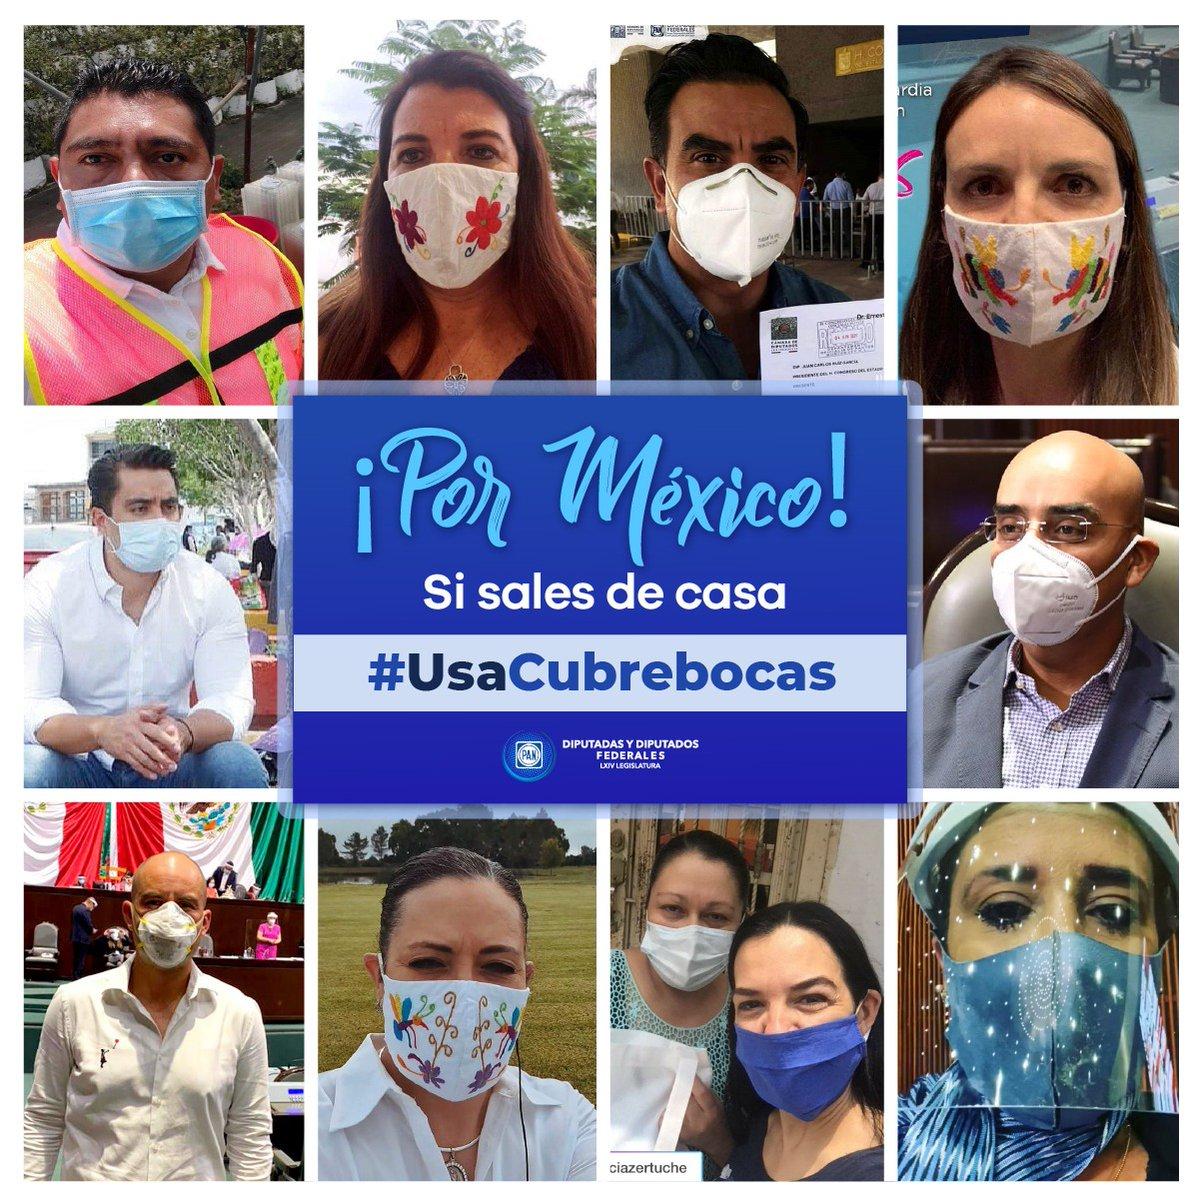 No podemos bajar la guardia. La pandemia sigue siendo una crisis sanitaria mal atendida y minimizada por el @GobiernoMx.  Seamos responsables y cuidémonos, juntos saldremos adelante. #UsaCubrebocas https://t.co/IEfr209BzF